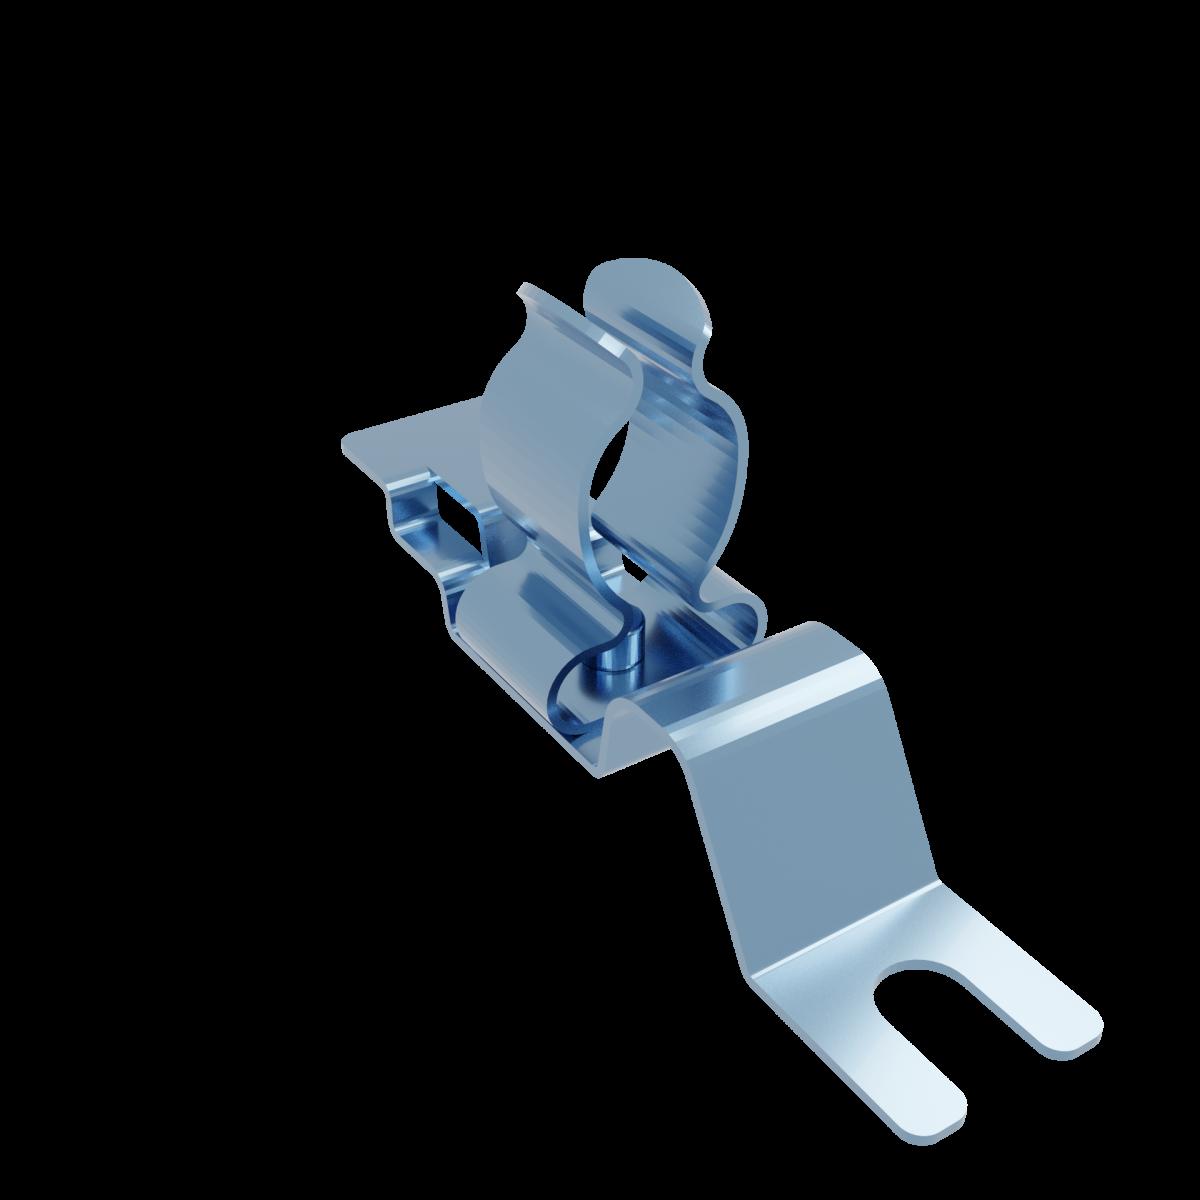 Stínicí kabelová spona s vidlicí MSEL 10-19